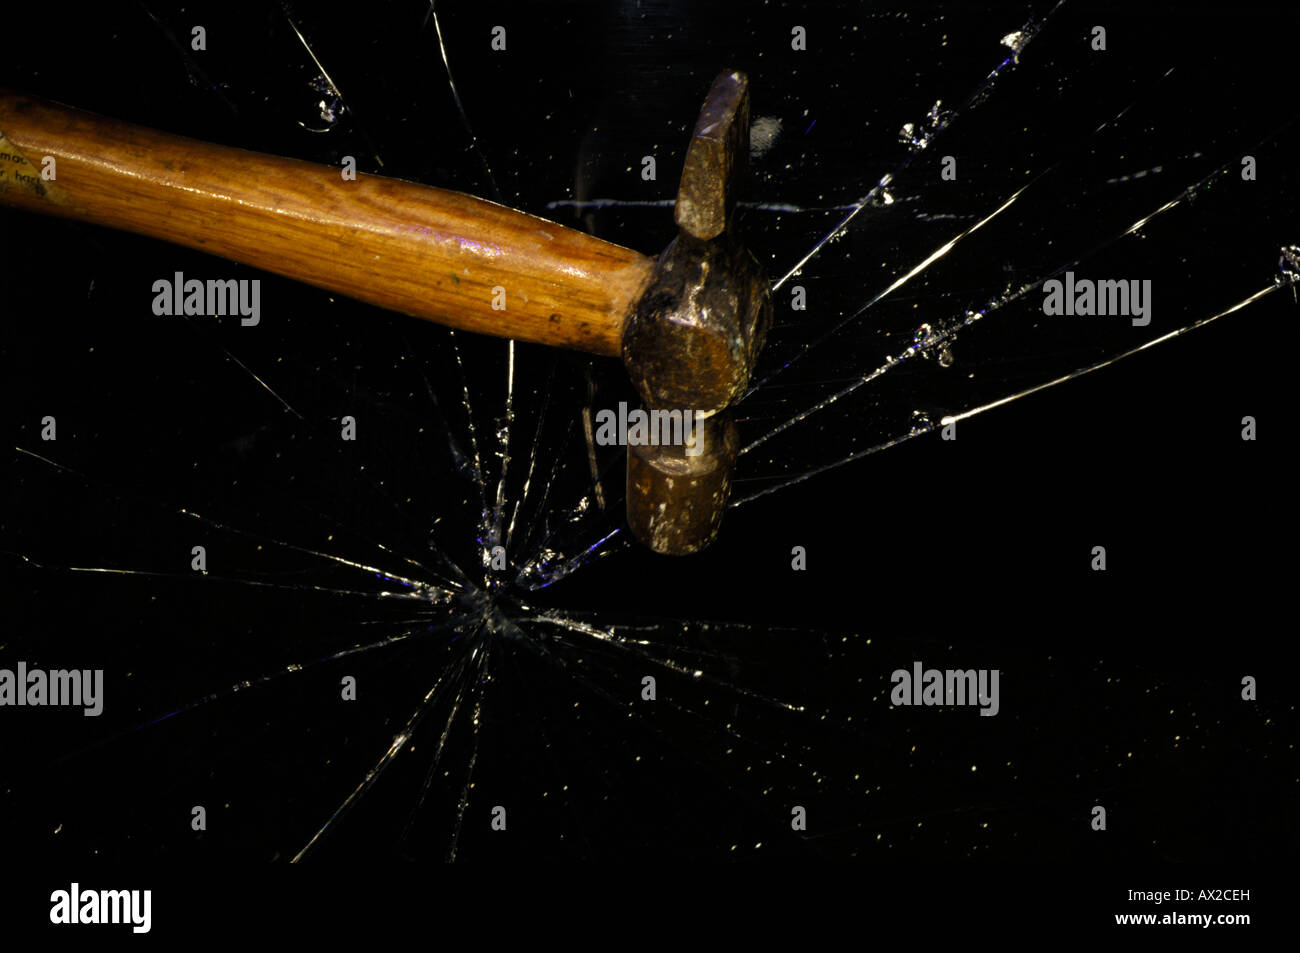 Un marteau fracassant à travers un panneau de verre ou d'une fenêtre en verre l'égrenage Banque D'Images